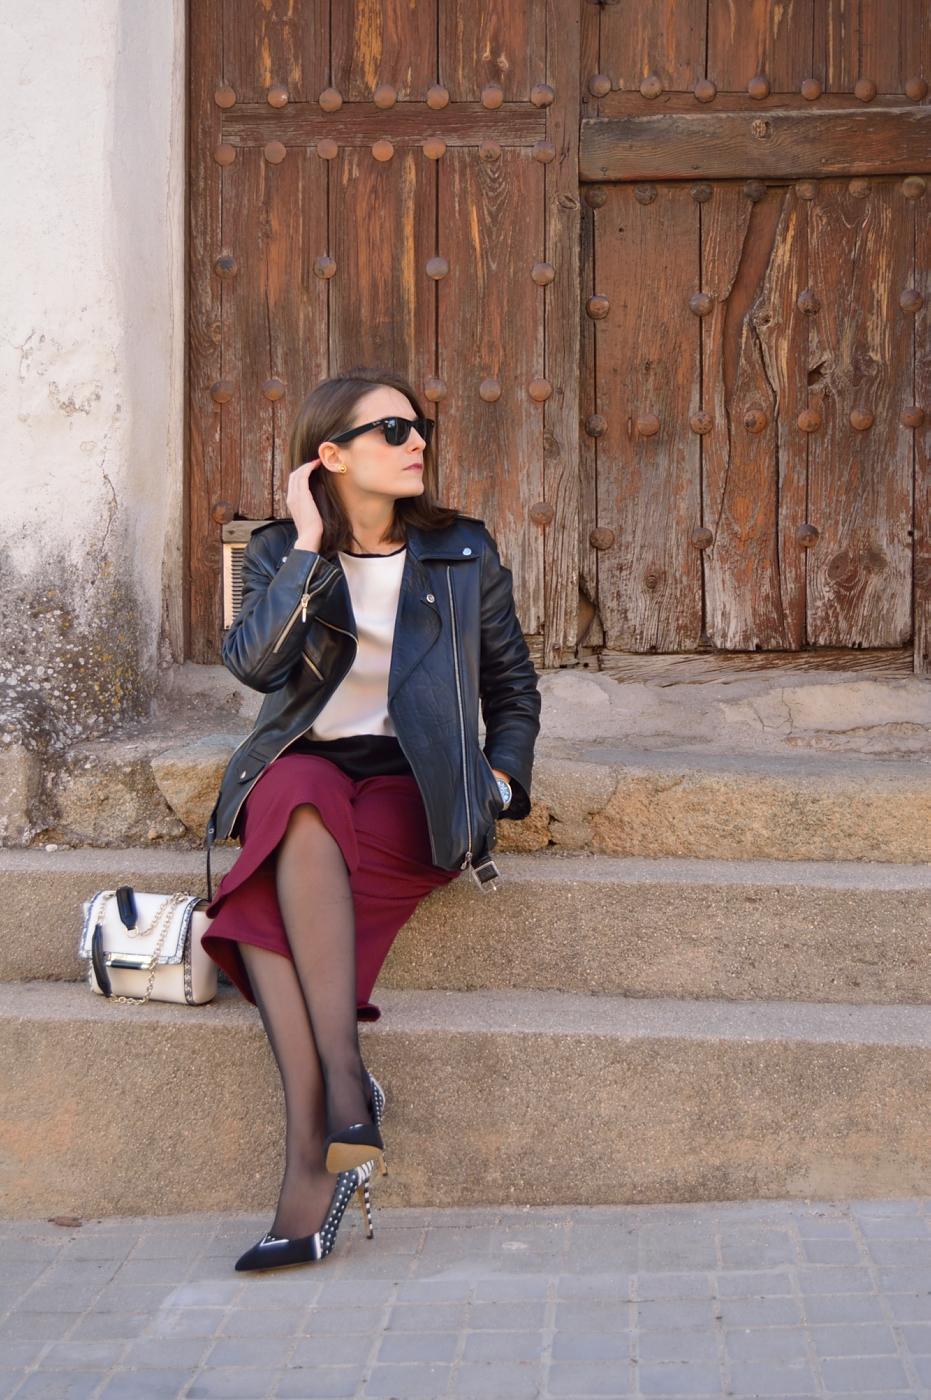 lara-vazquez-madlula-style-streetstyle-look-fashion-ootd-girl